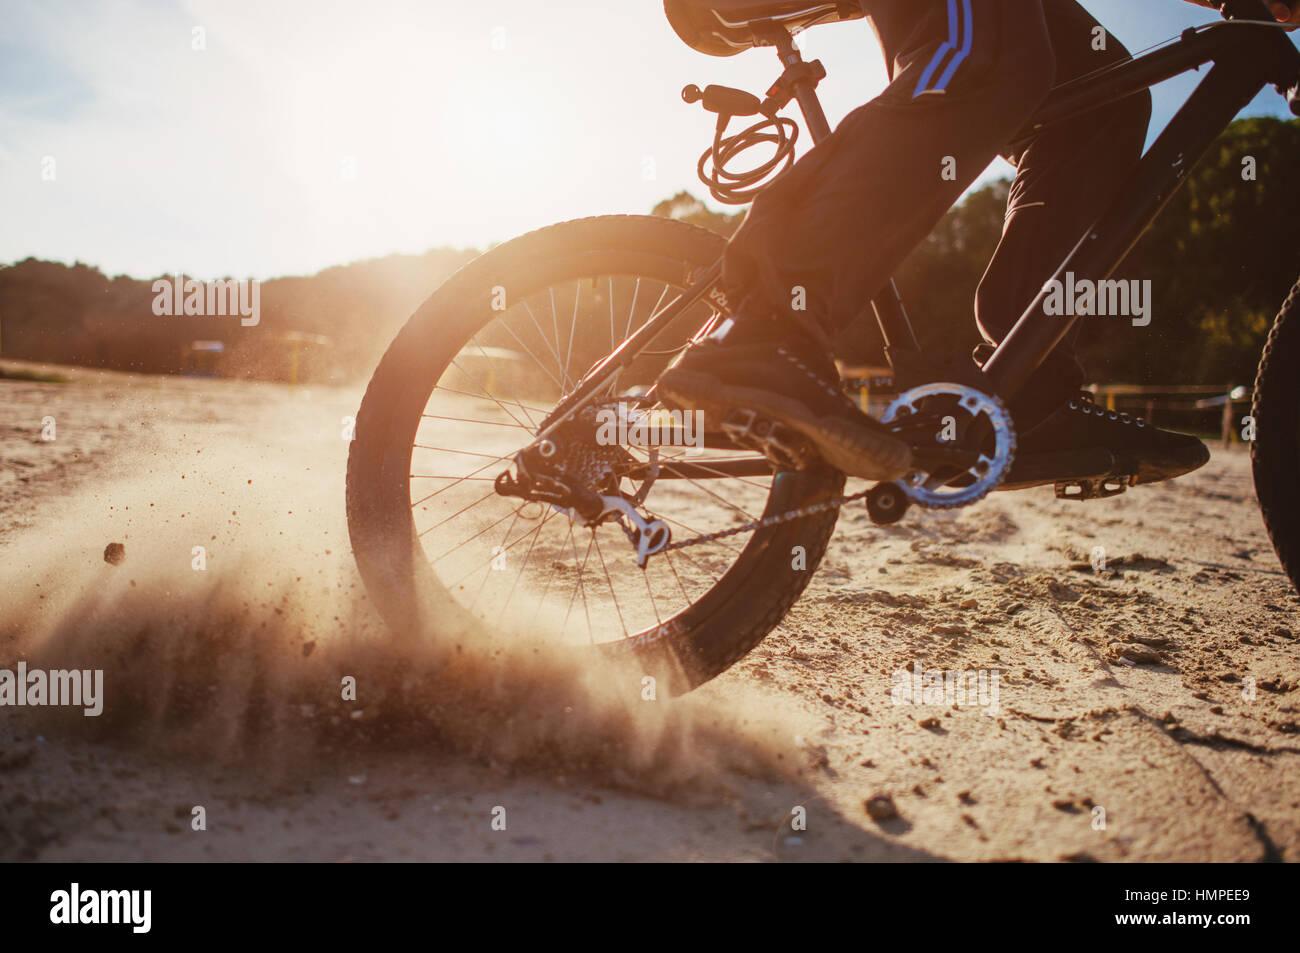 Mann auf einem Fahrrad Stockbild